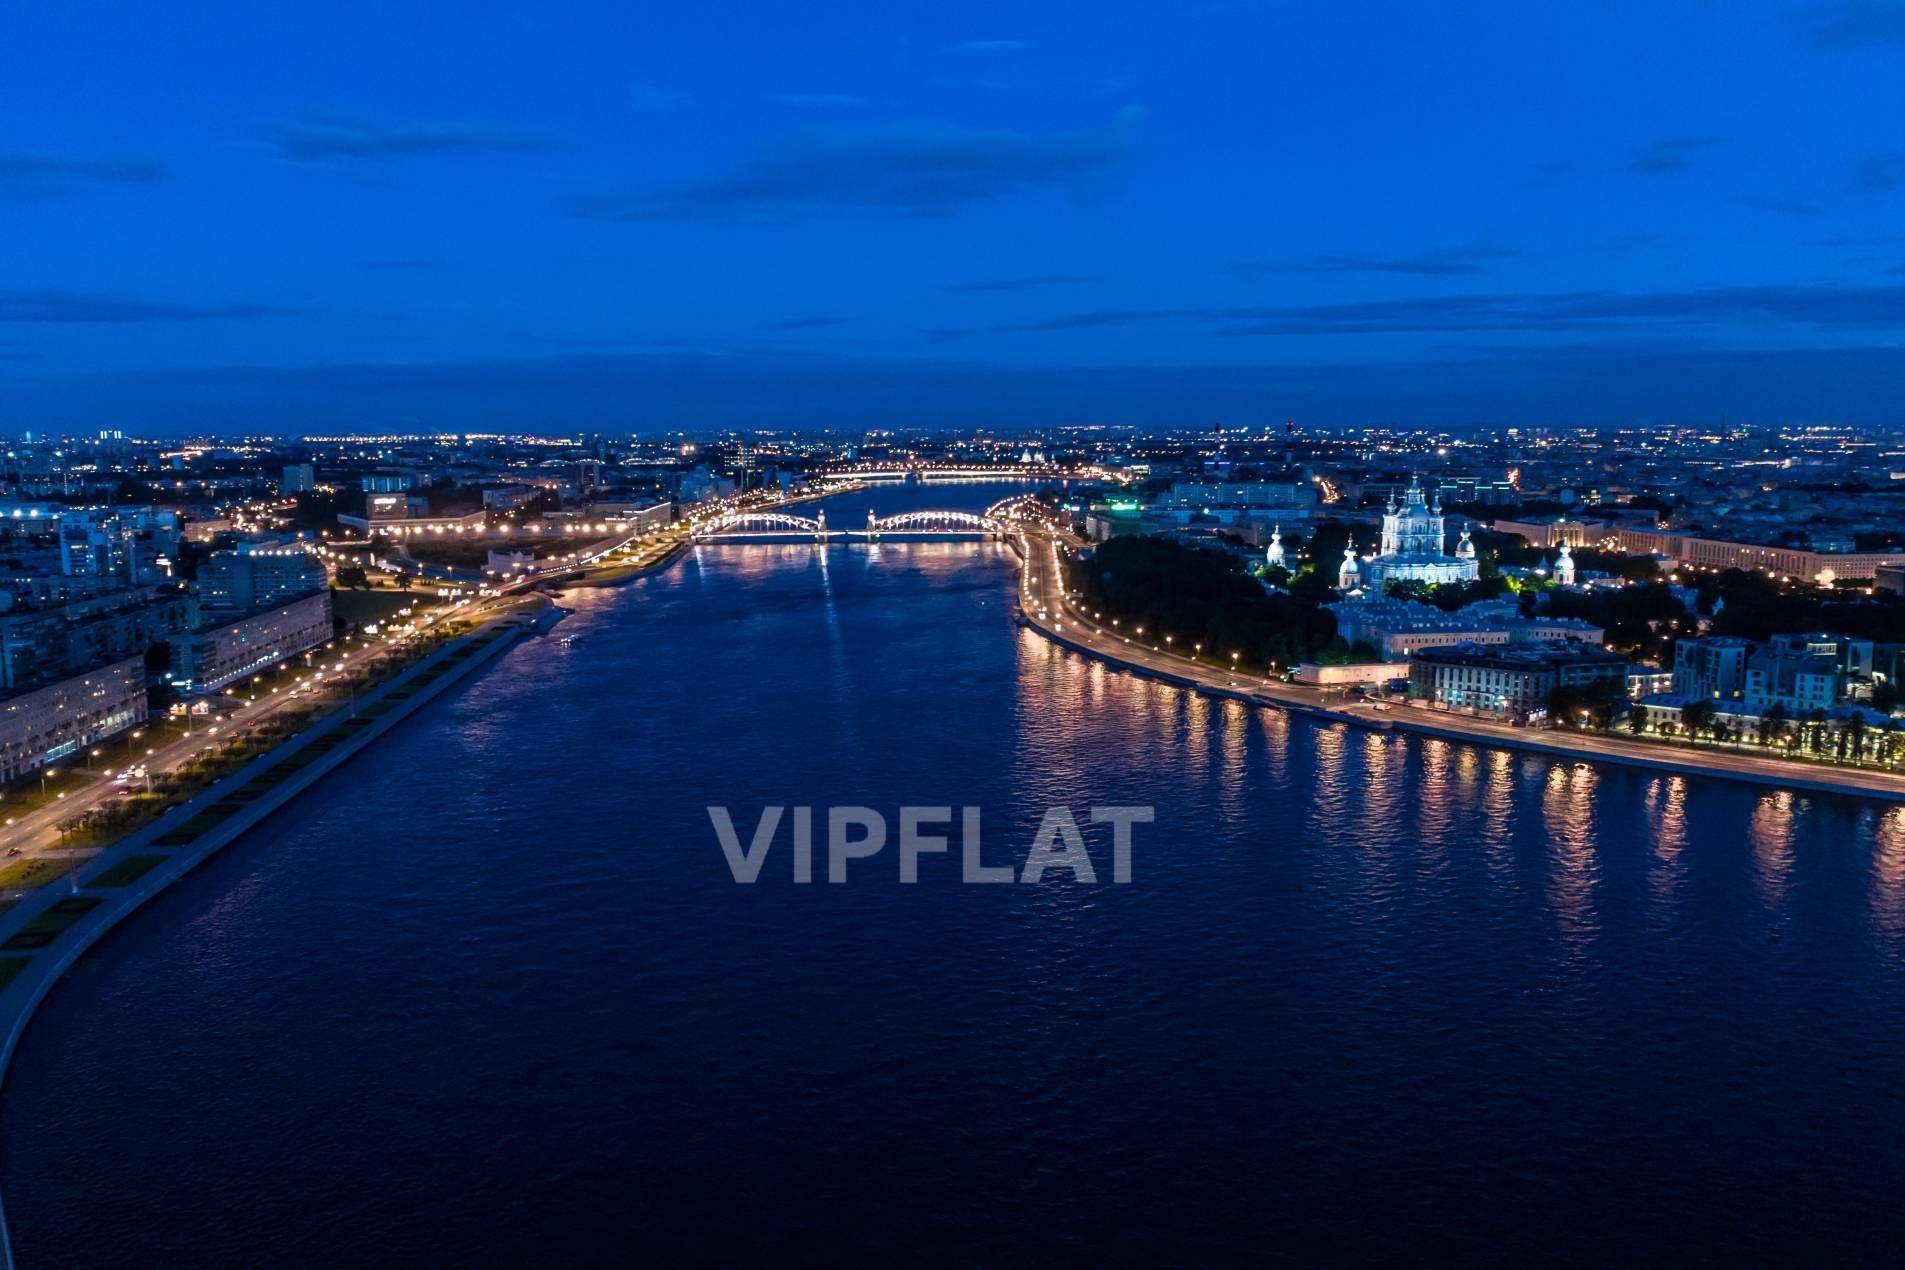 Продажа элитных квартир Санкт-Петербурга. Пискаревский пр., 1 Ночная панорама Невы